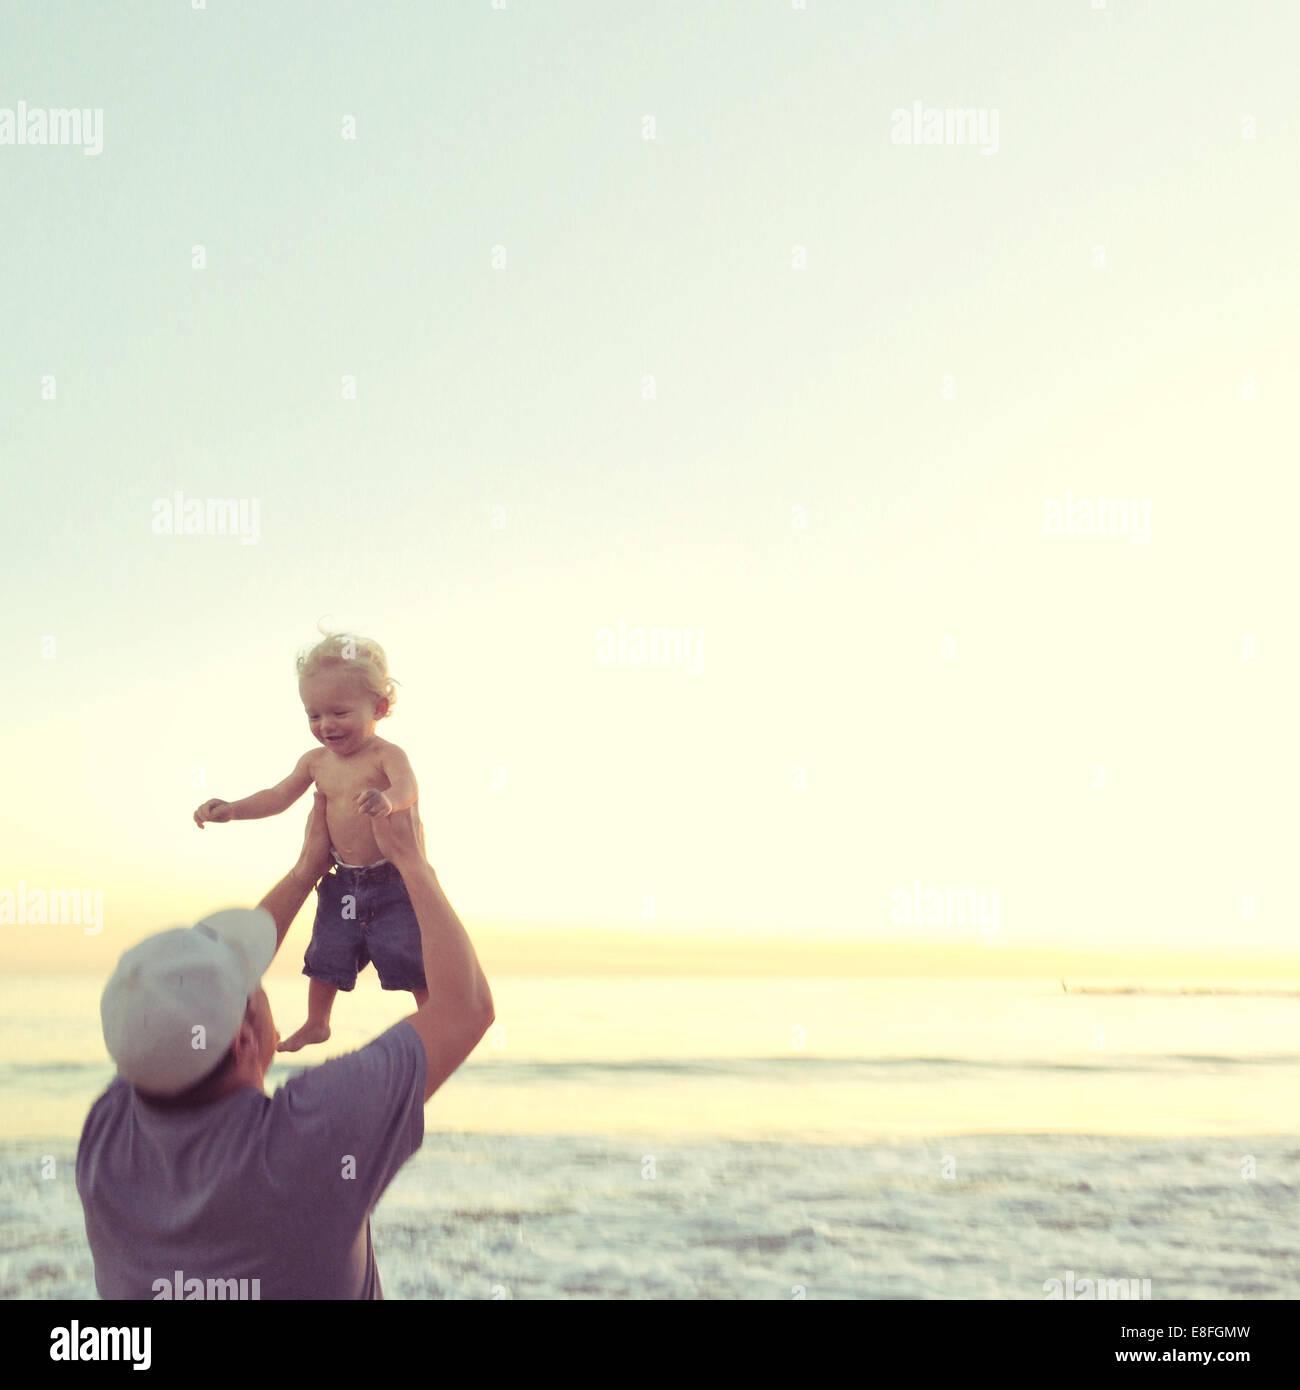 Vater heben sein kleiner Sohn in der Luft an der Beach, Kalifornien, Amerika, USA Stockbild